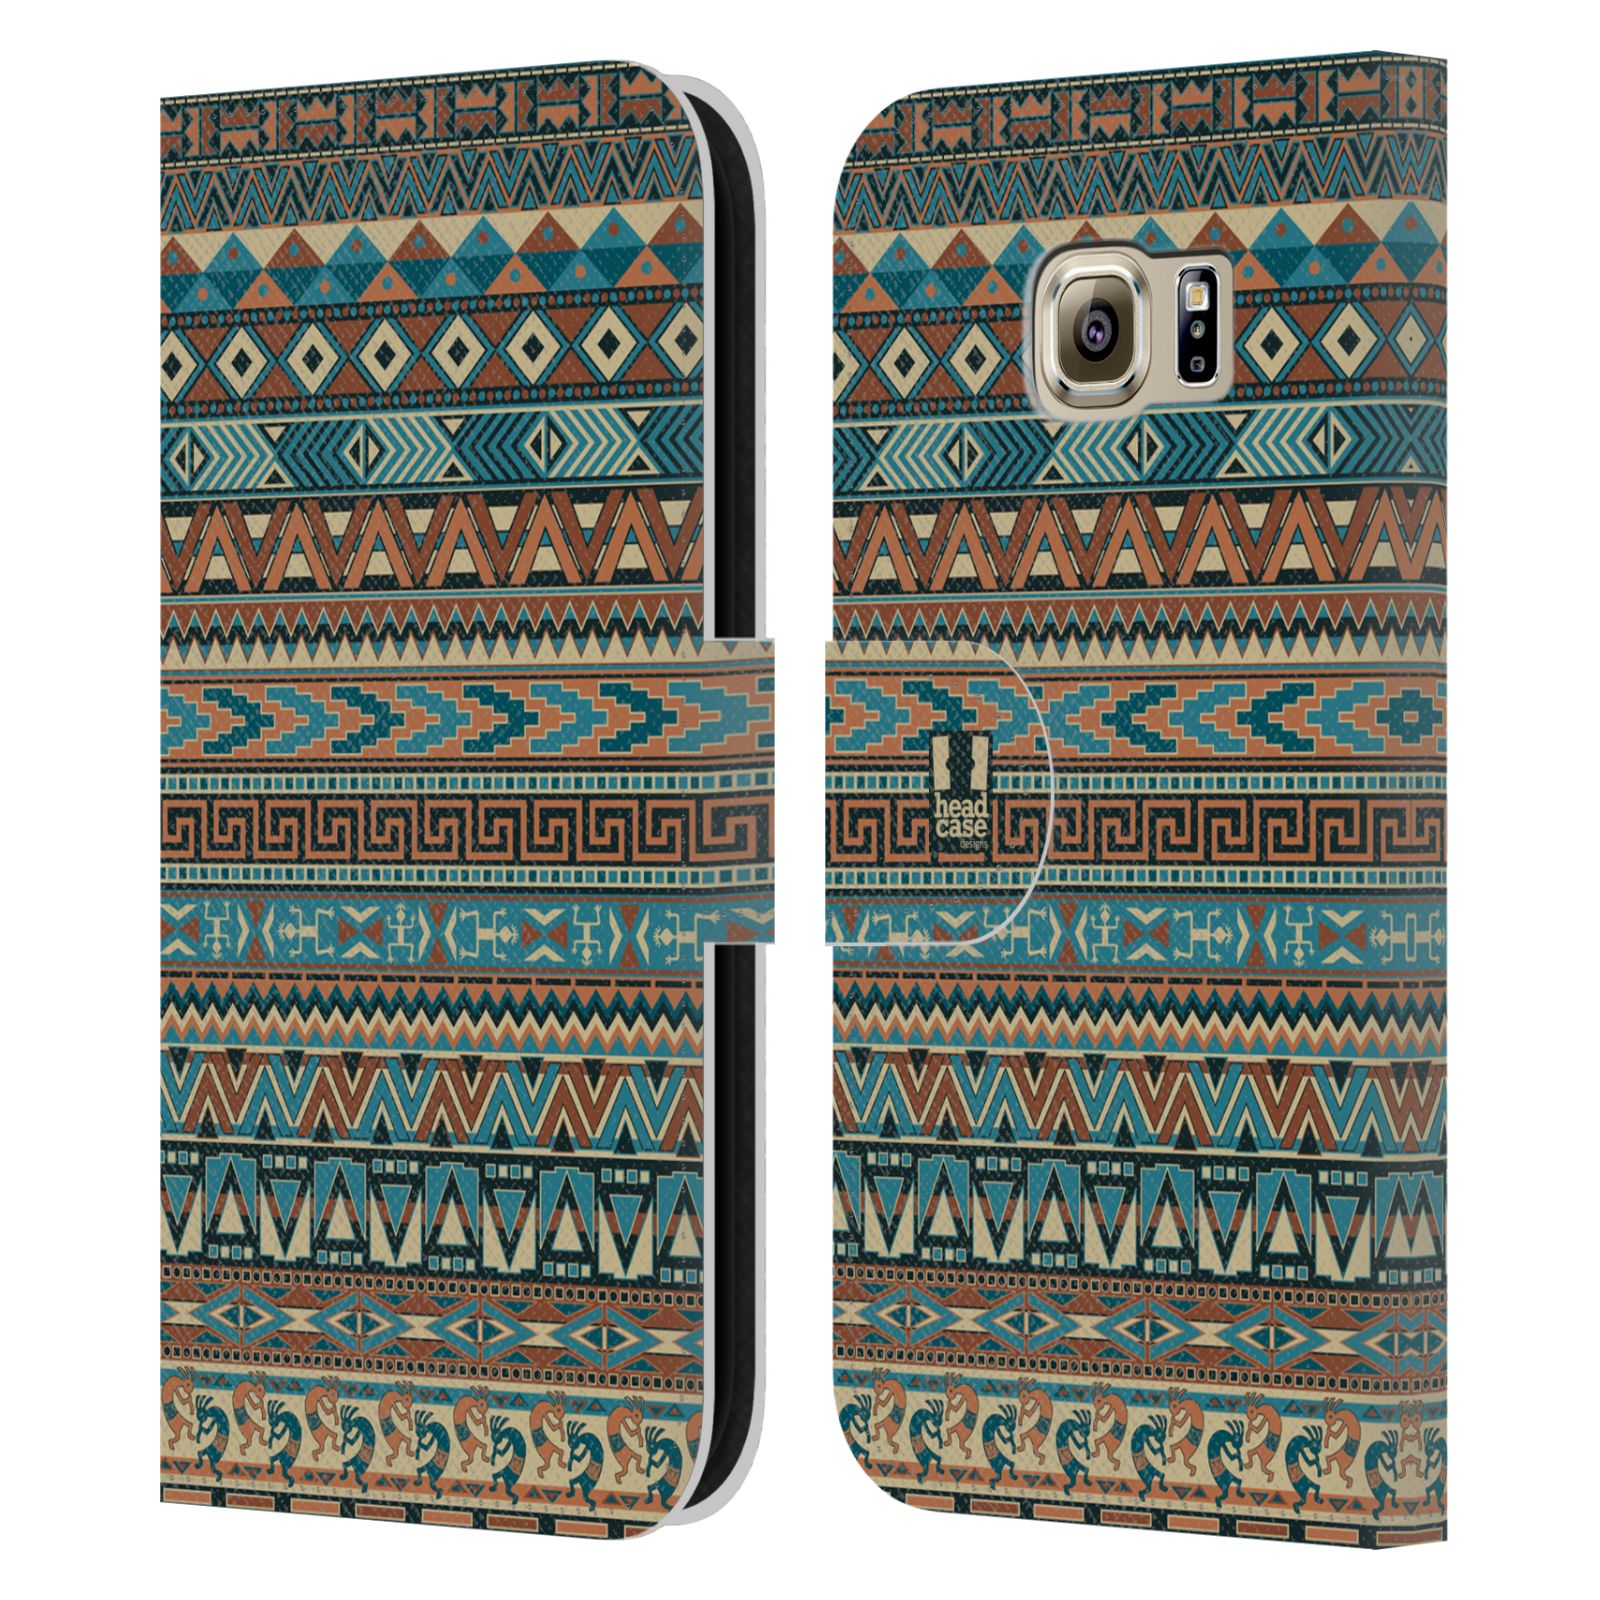 HEAD CASE Flipové pouzdro pro mobil Samsung Galaxy S6 (G9200) Indiánský vzor BLUE modrá